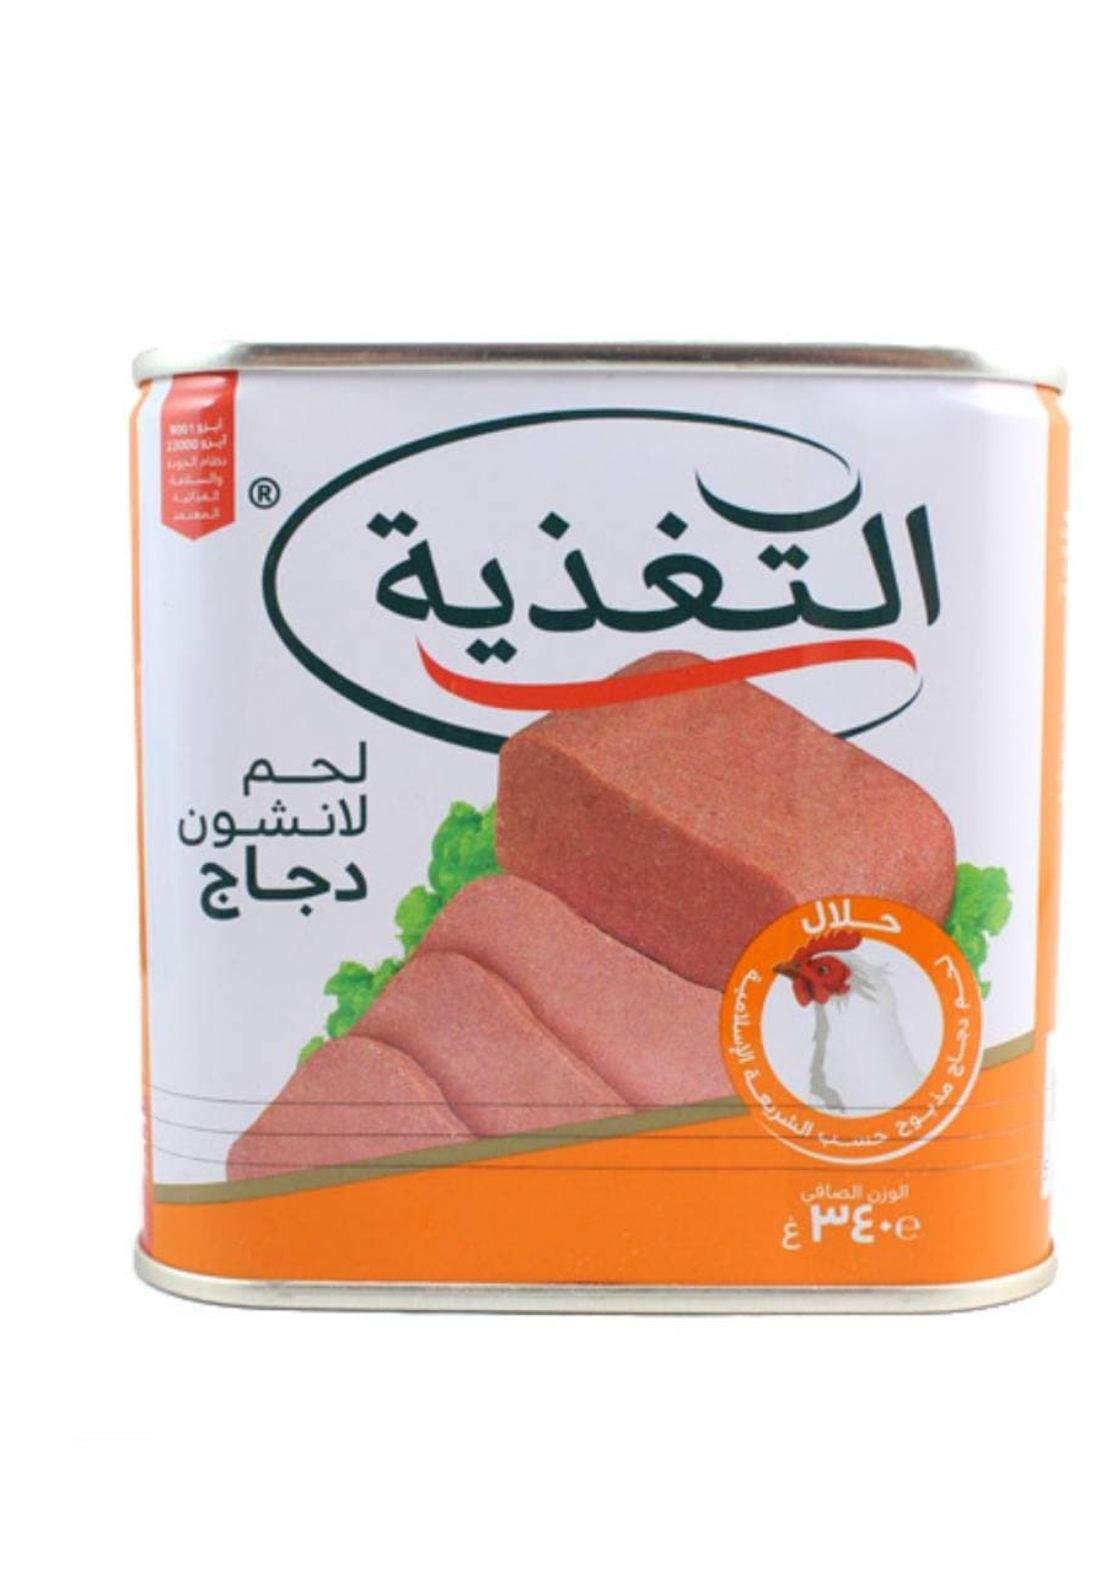 Altaghziah chicken luncheon meat  340g التغذية لحم لانشون دجاج